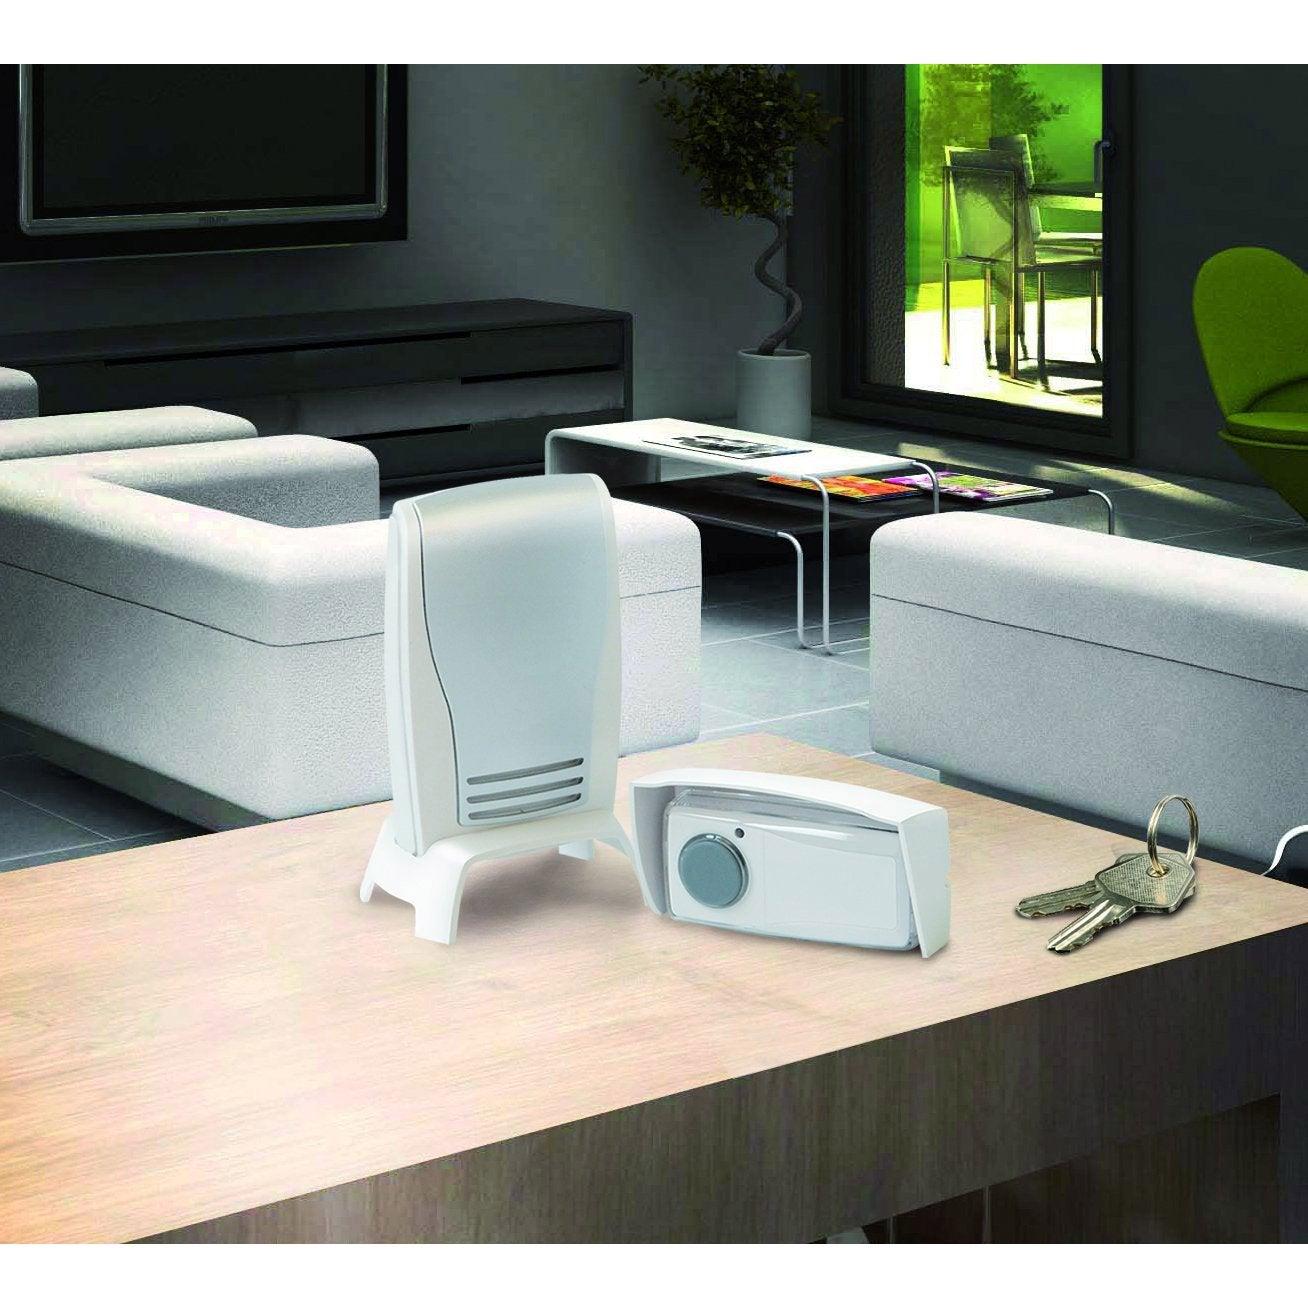 carillon sans fil scs sentinel urm 82 blanc leroy merlin. Black Bedroom Furniture Sets. Home Design Ideas